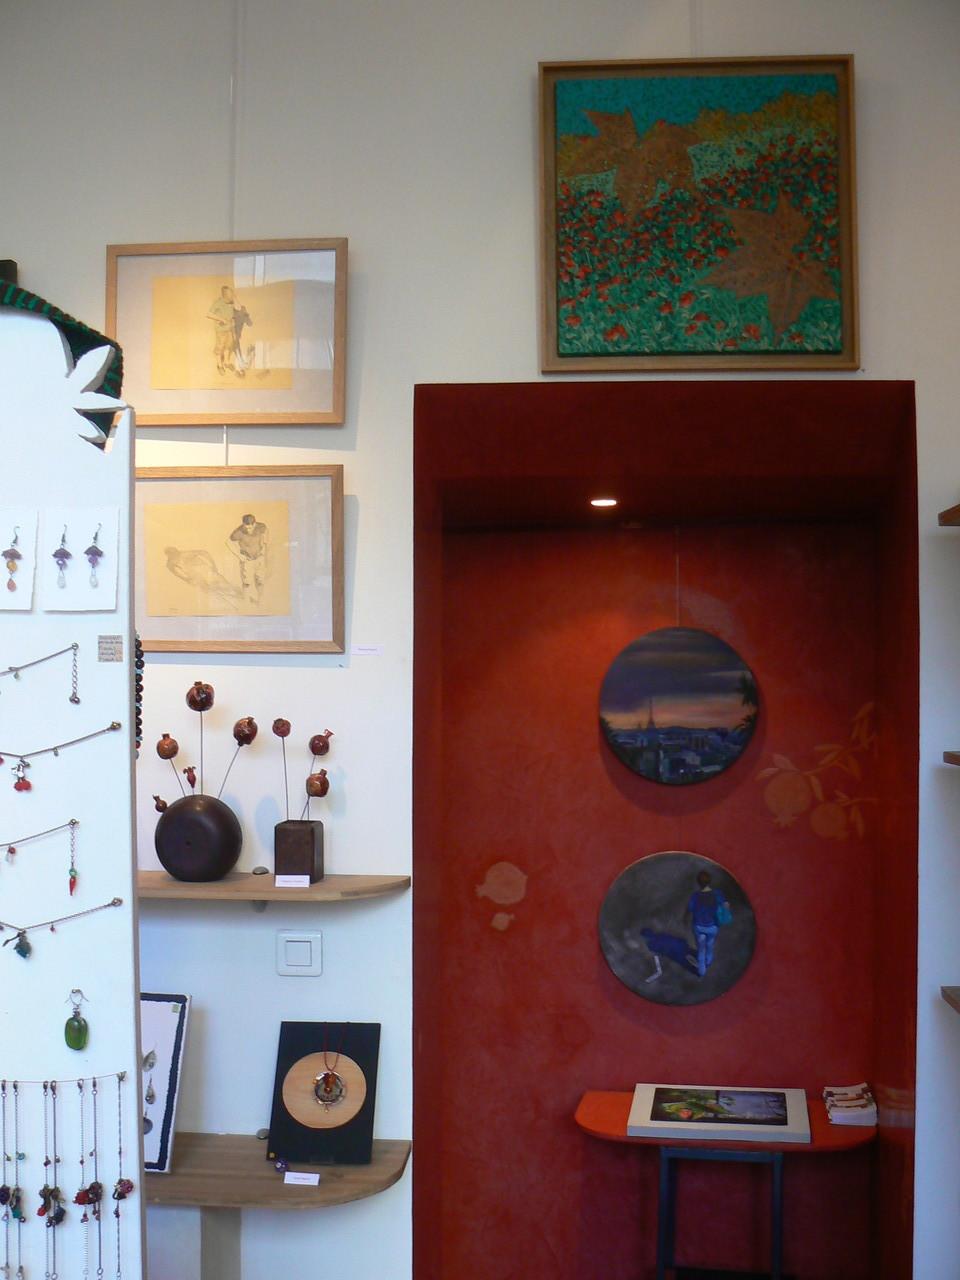 Mehrzad najand - peintures:  mur rouge - dessins . au dessus de la porte : peinture De F Trotabas